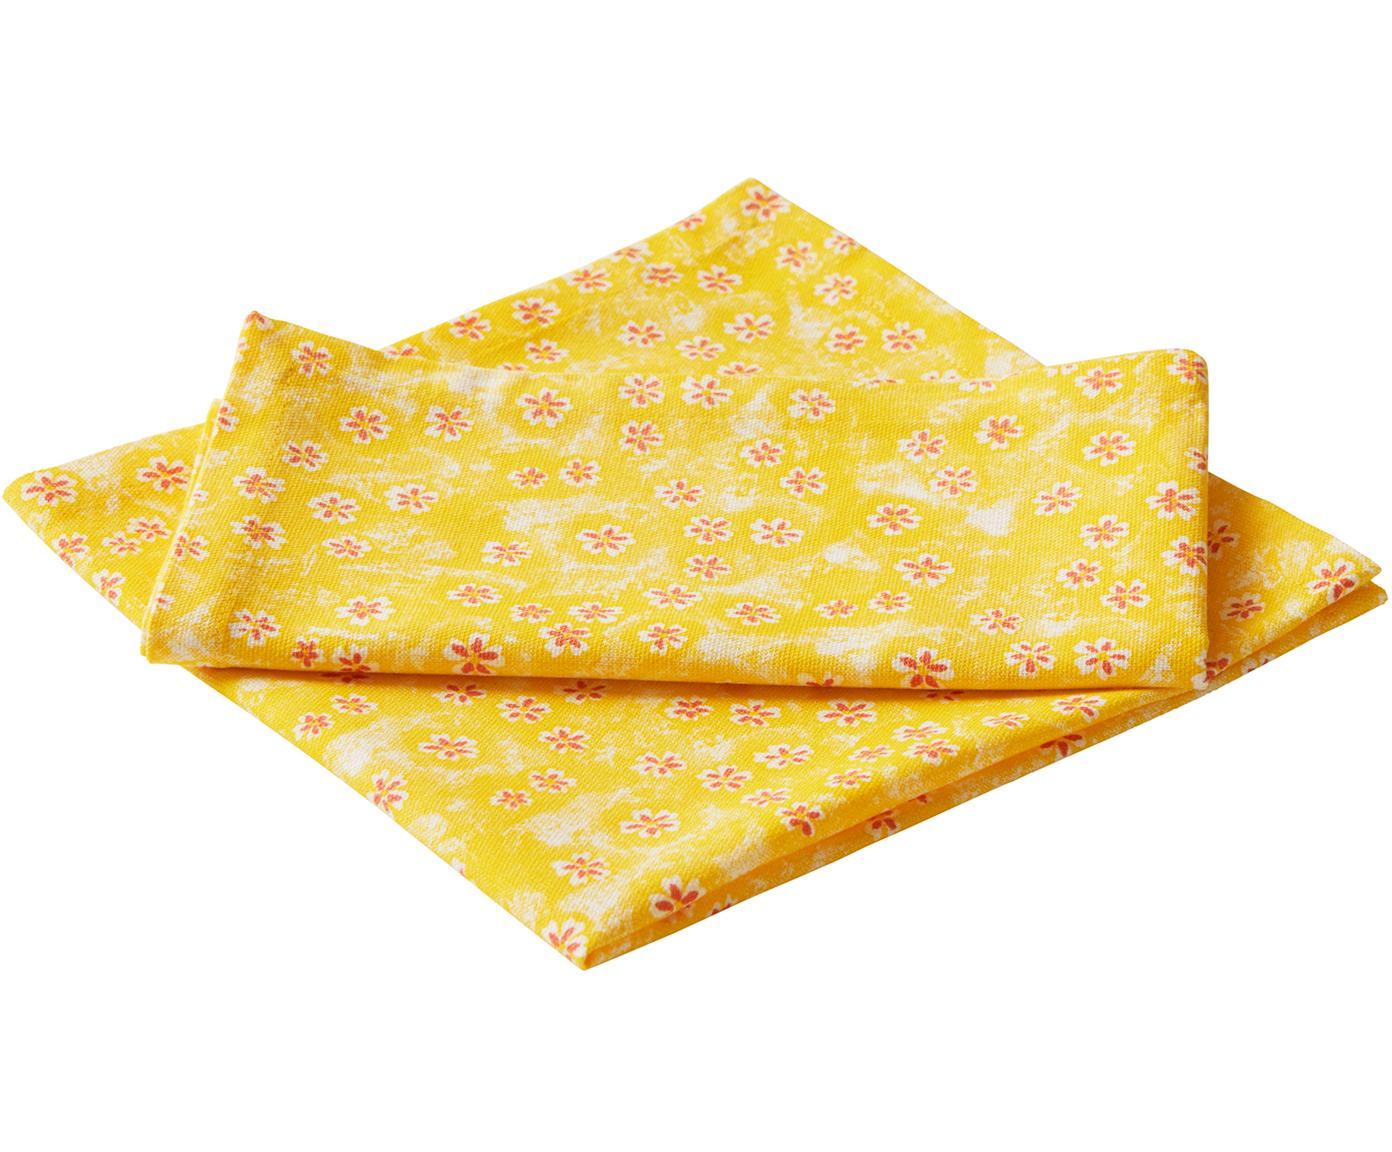 Tovagliolo in cotone a fiori Ono York 2 pz, Cotone, Giallo, rosso, Larg. 45 x Lung. 45 cm